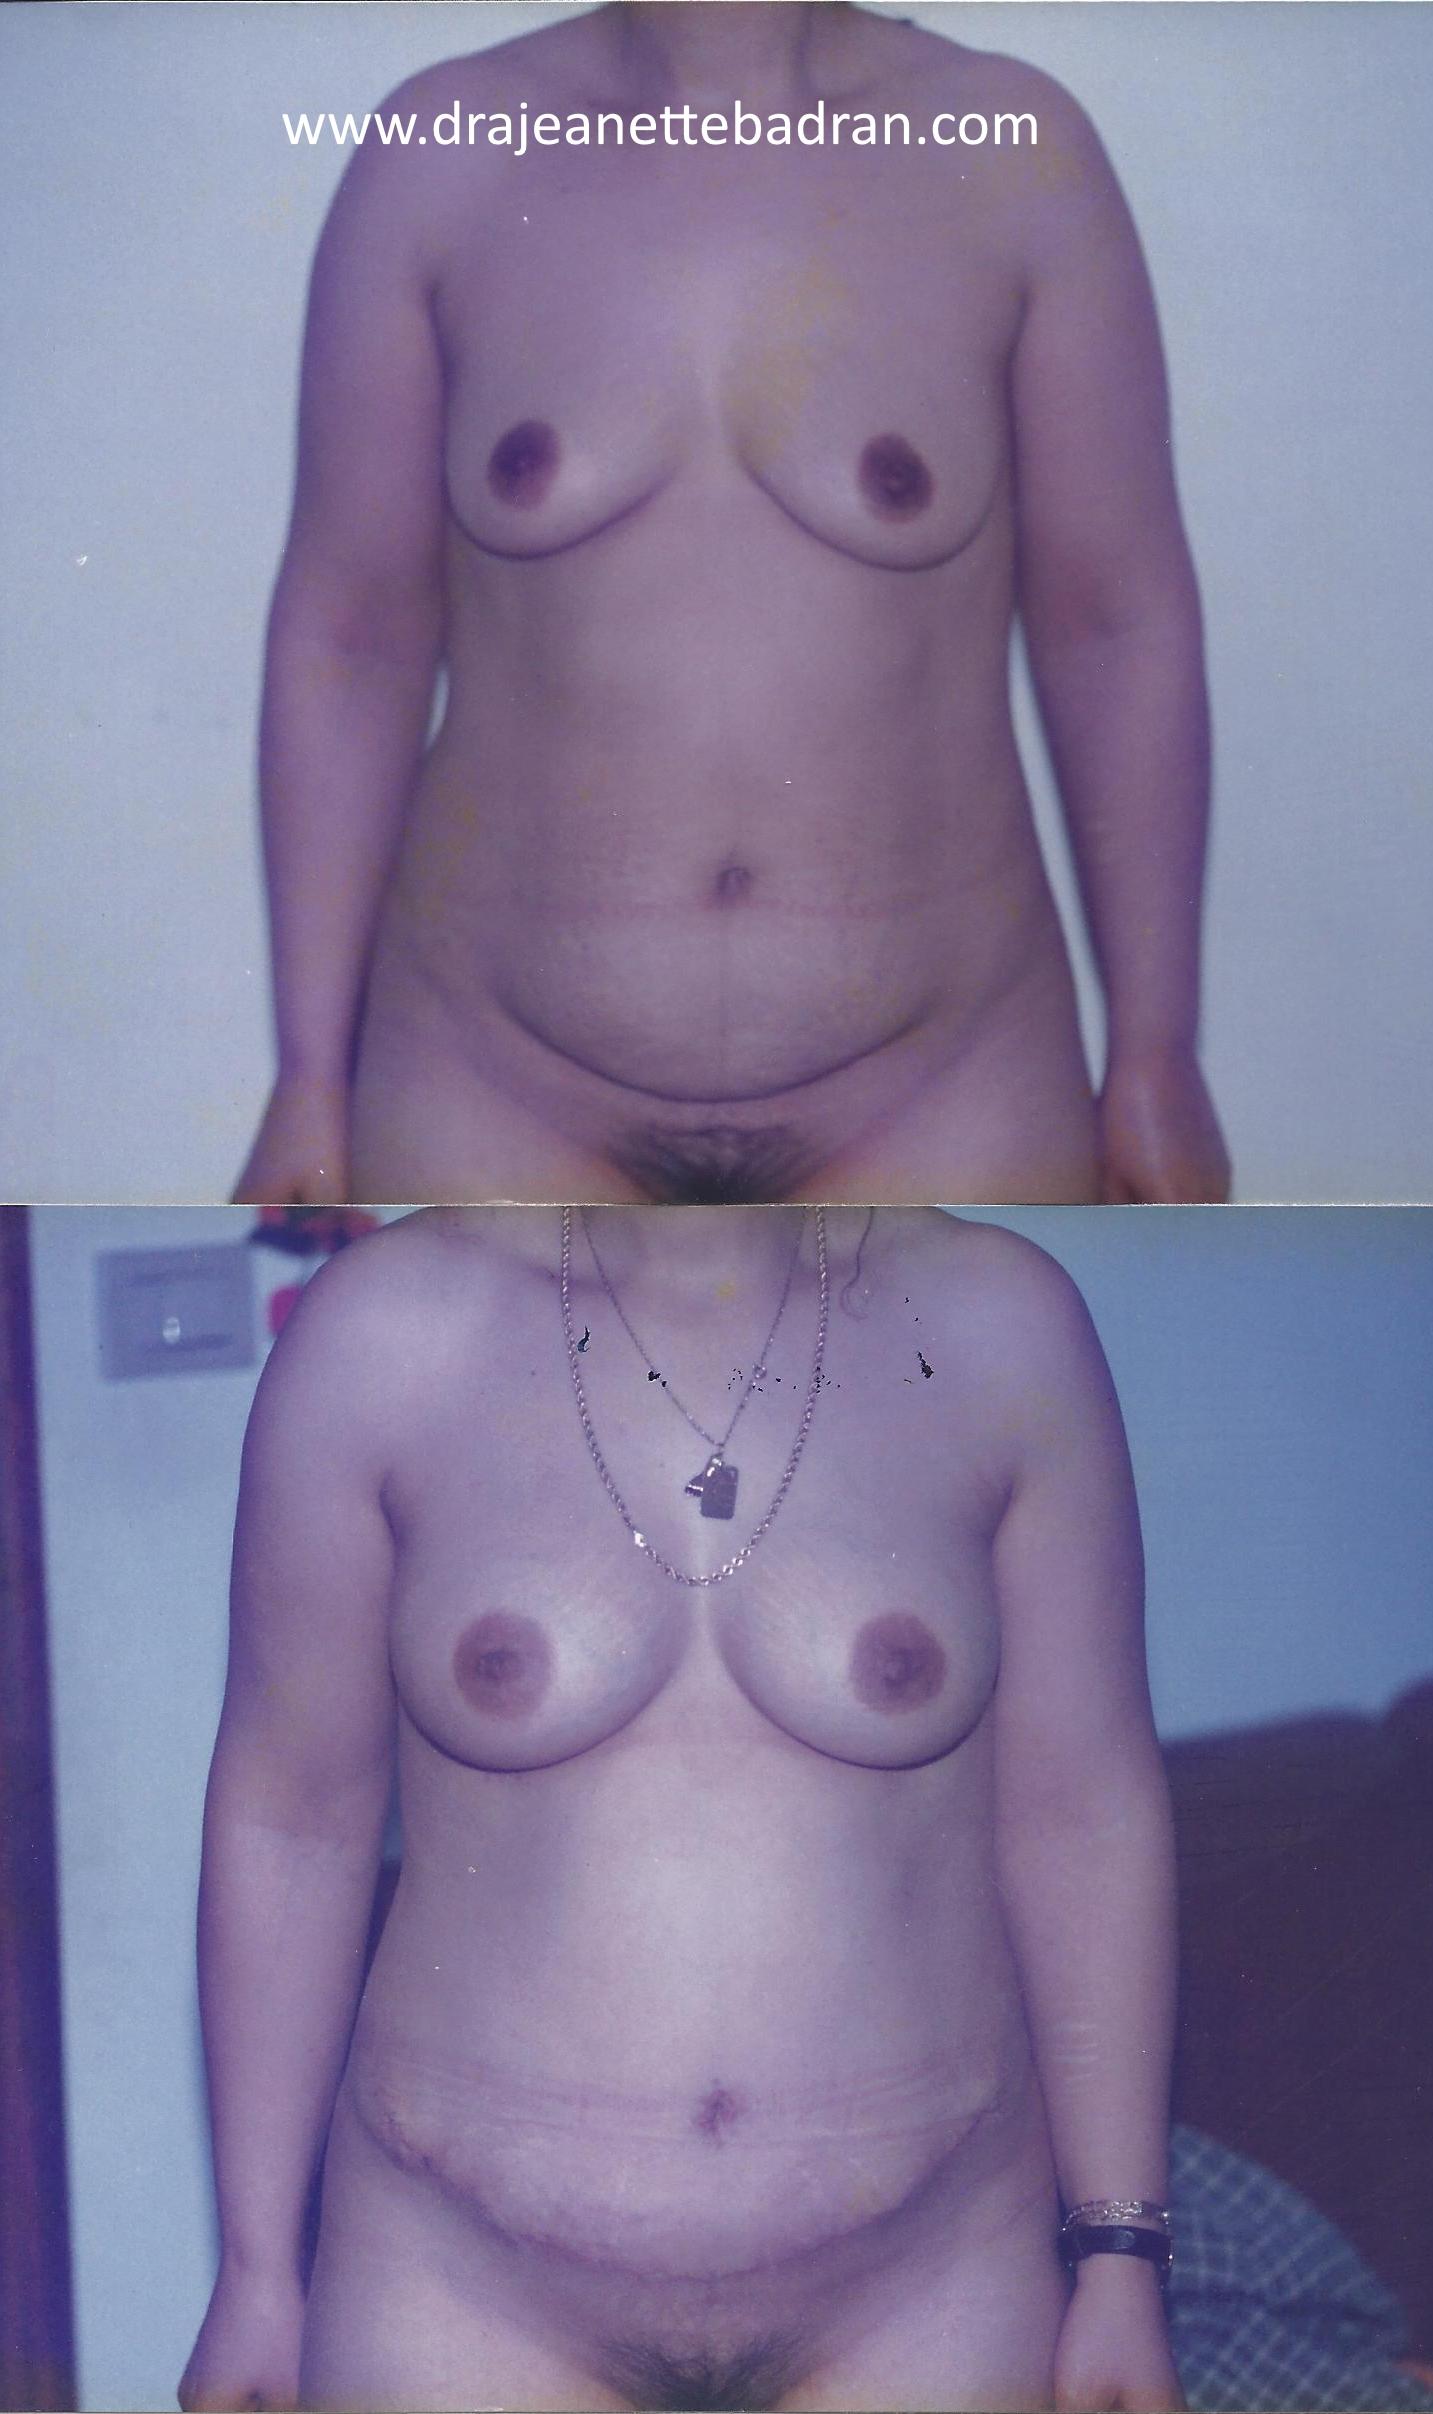 abdominoplastia-mamas-antes-despues1